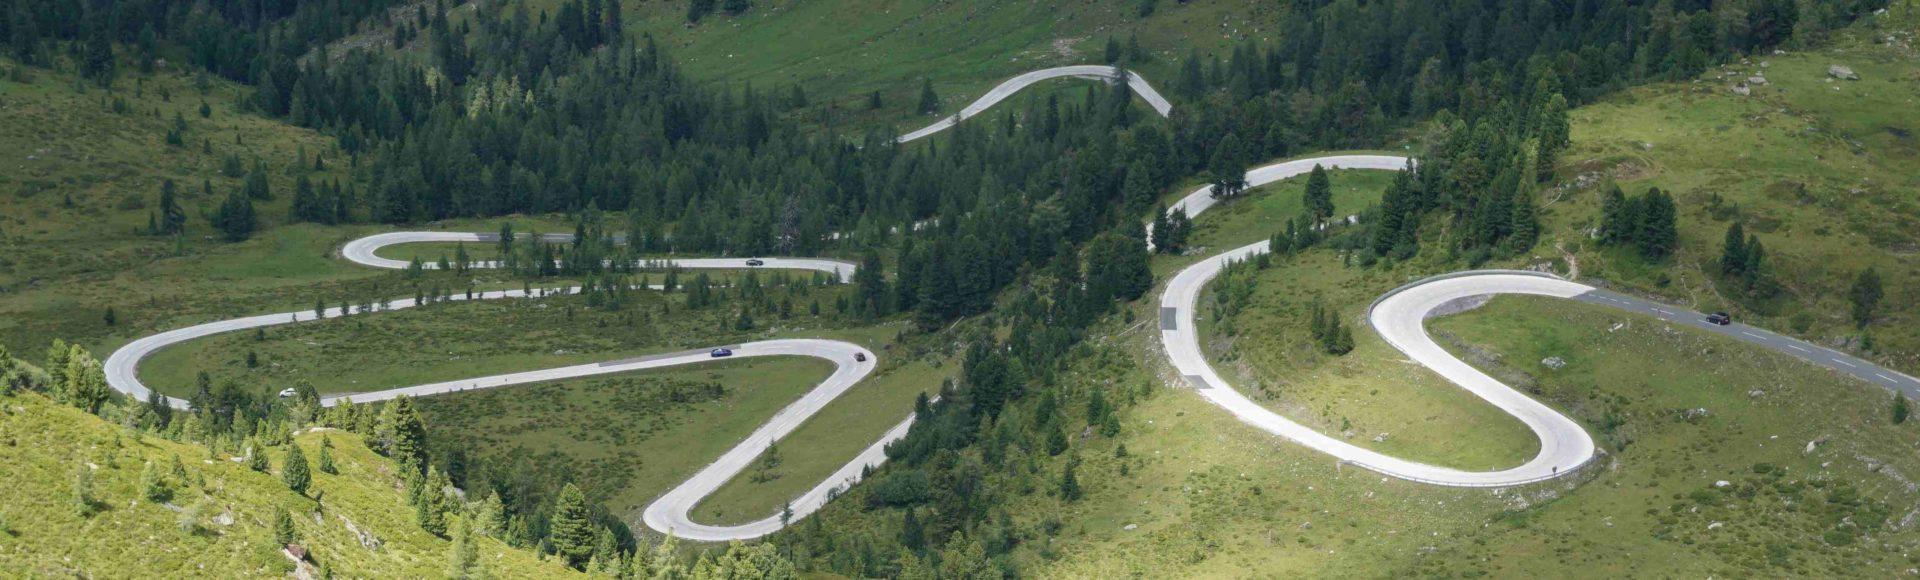 Nockalmstrasse starą szosówką czyli lato w Alpach Gurktalskich.